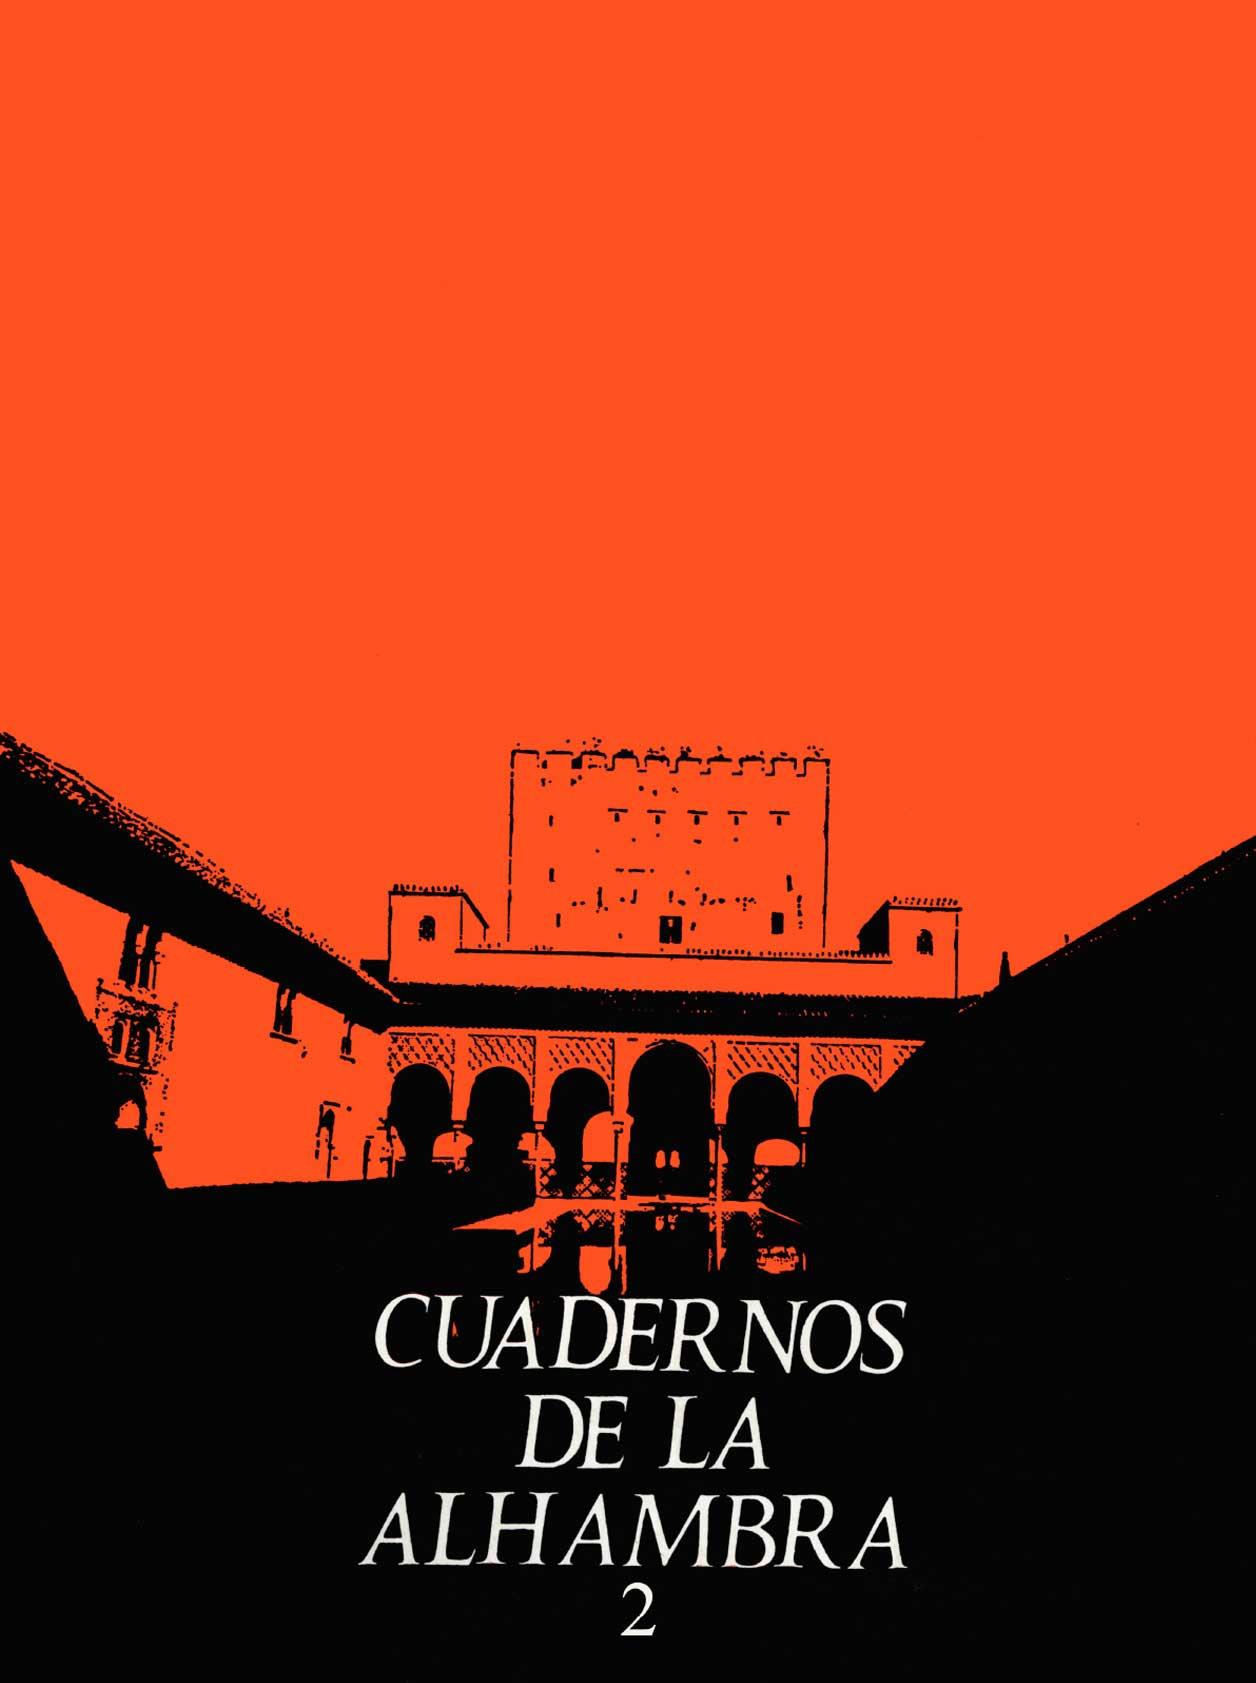 Portada del número 02 de Cuadernos de la Alhambra